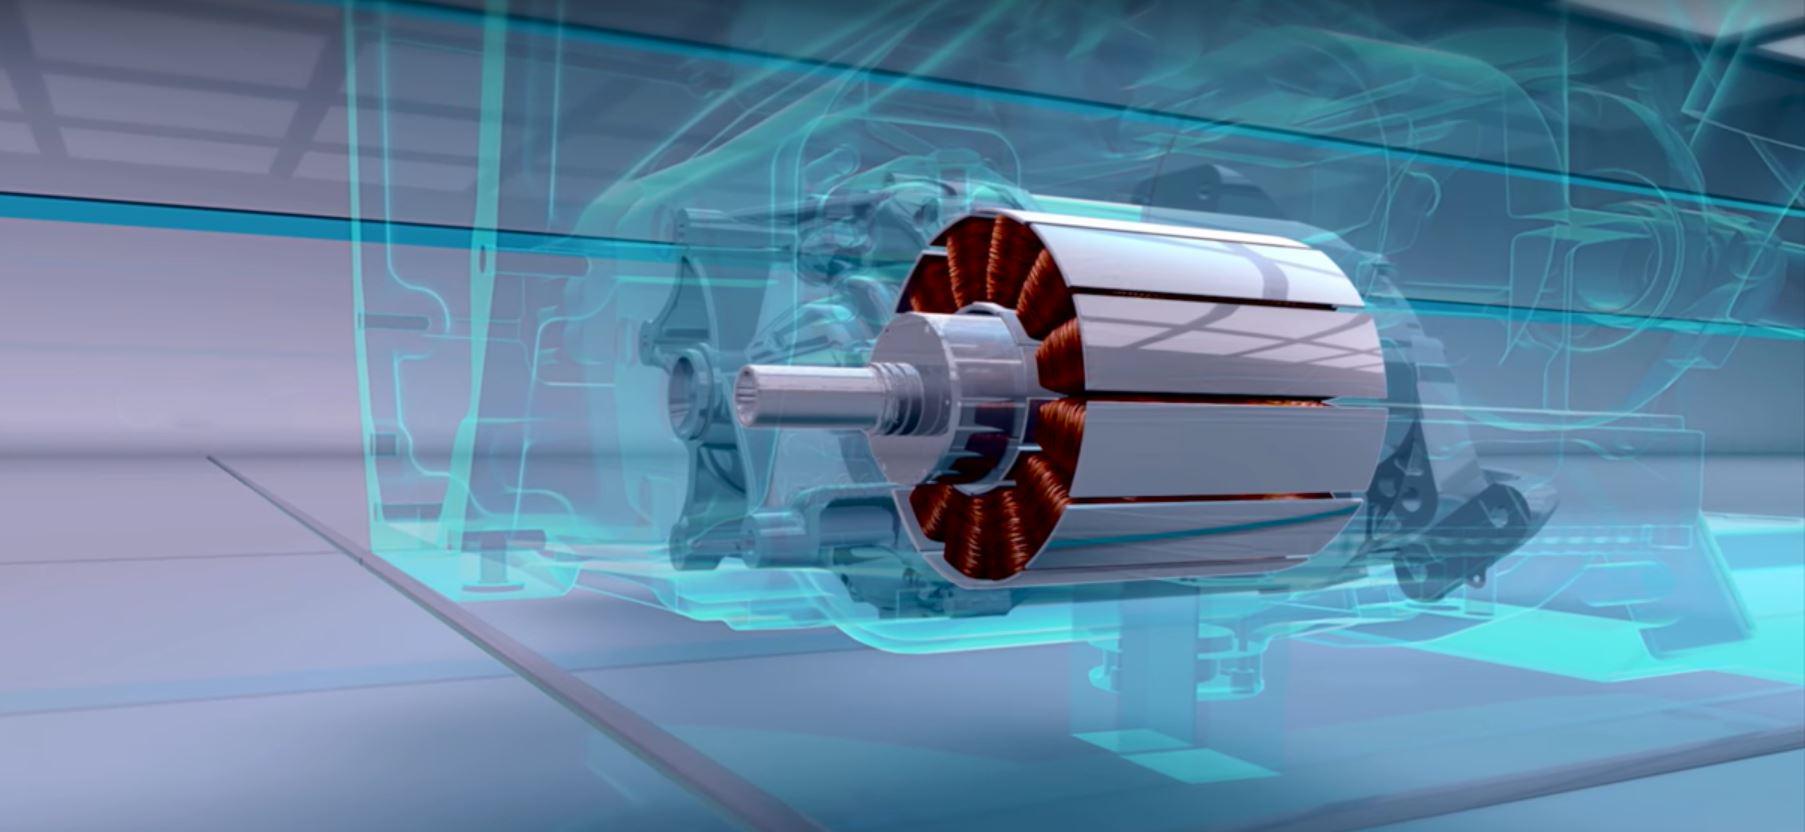 Обороты в трансмиссии электромобиля намного выше чем бензинового авто поэтому отличная смазка компонентов выходит на первое место